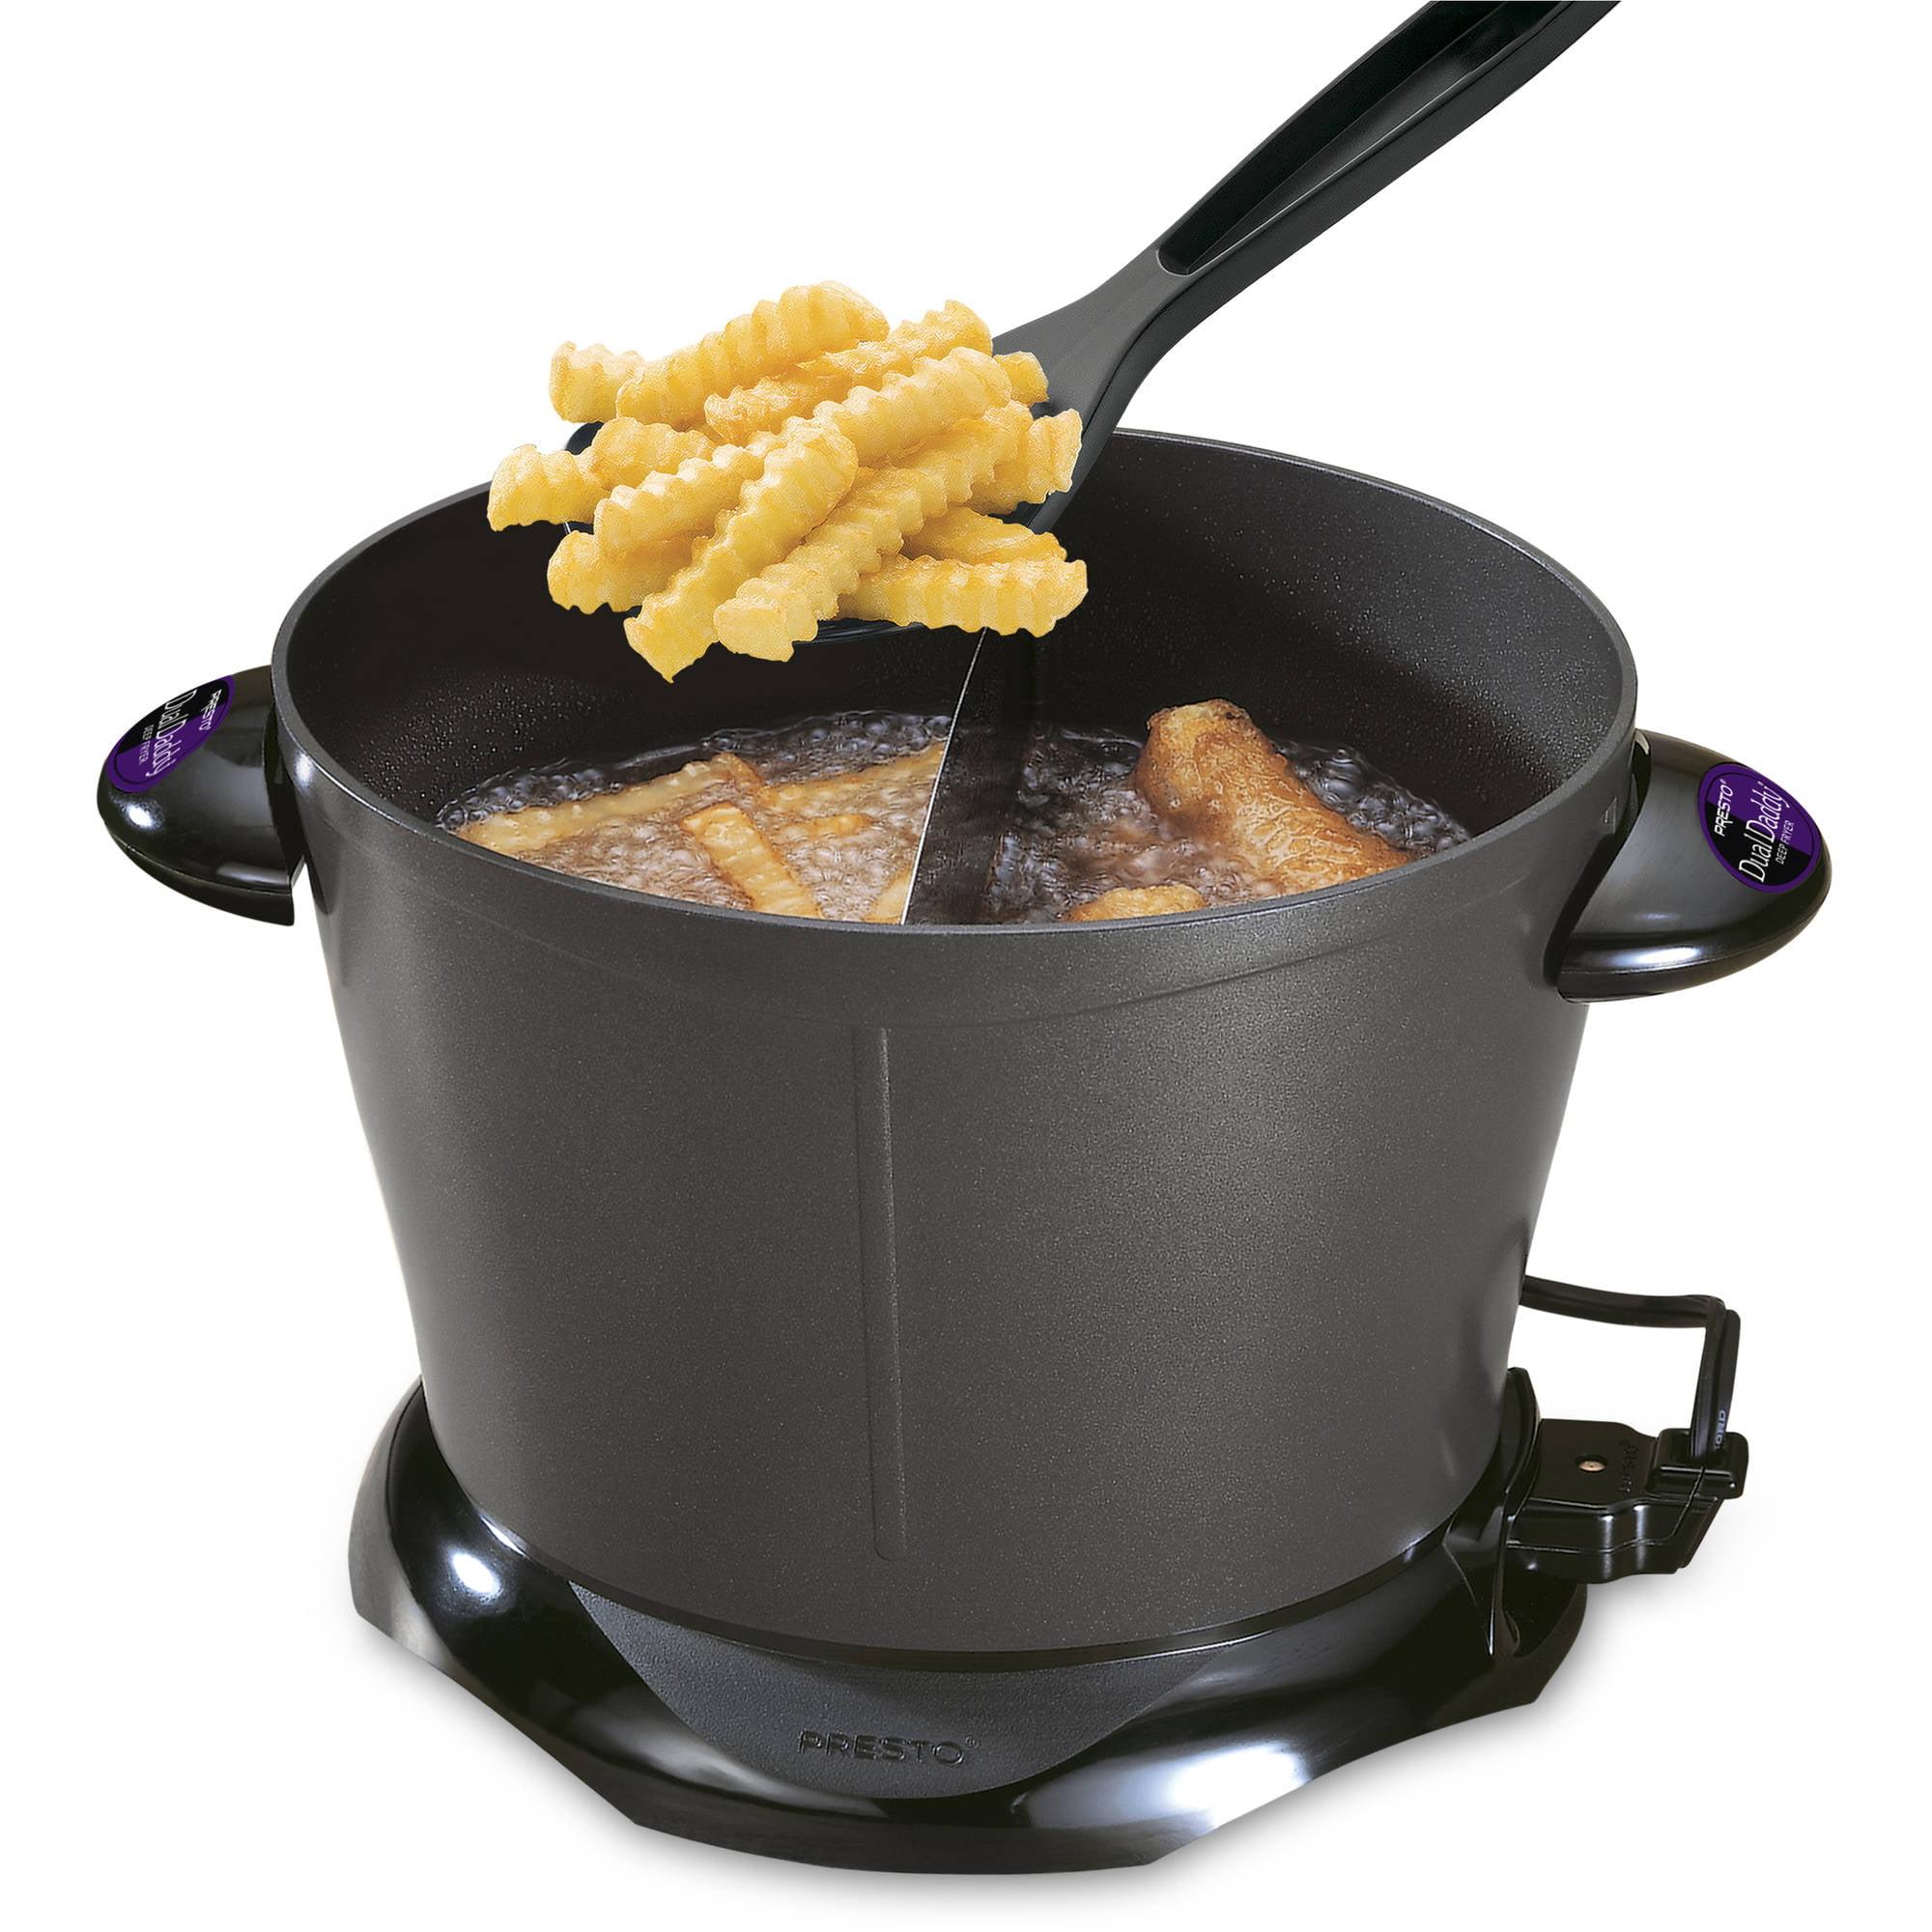 Presto DualDaddy 8-Cup Electric Deep Fryer